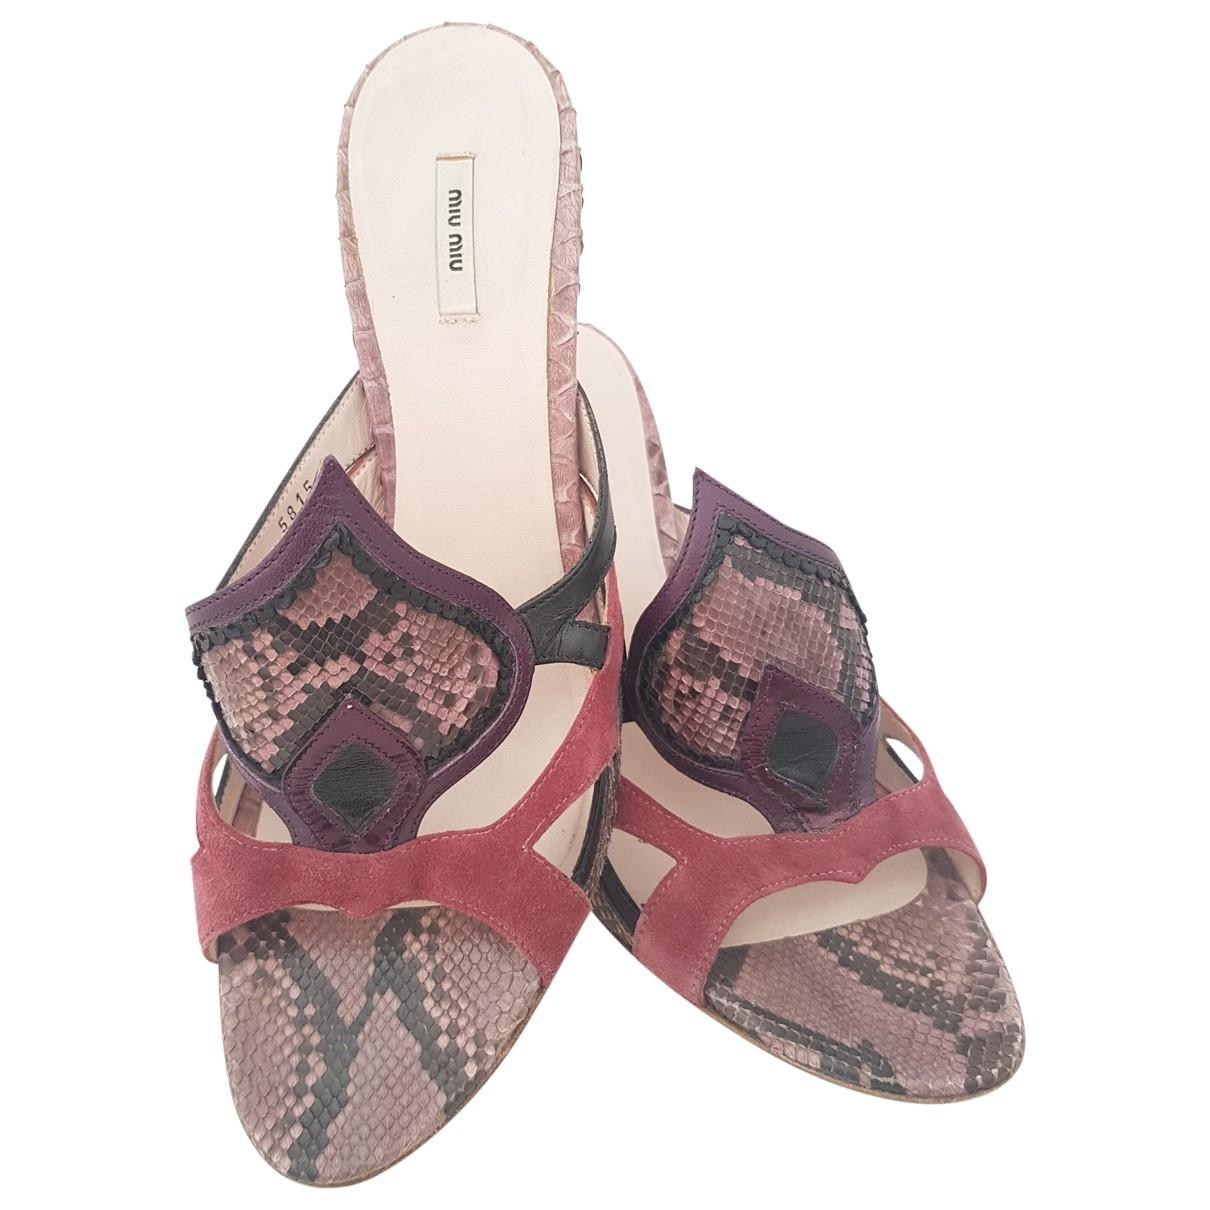 Sandalias de Cueros exoticos Miu Miu